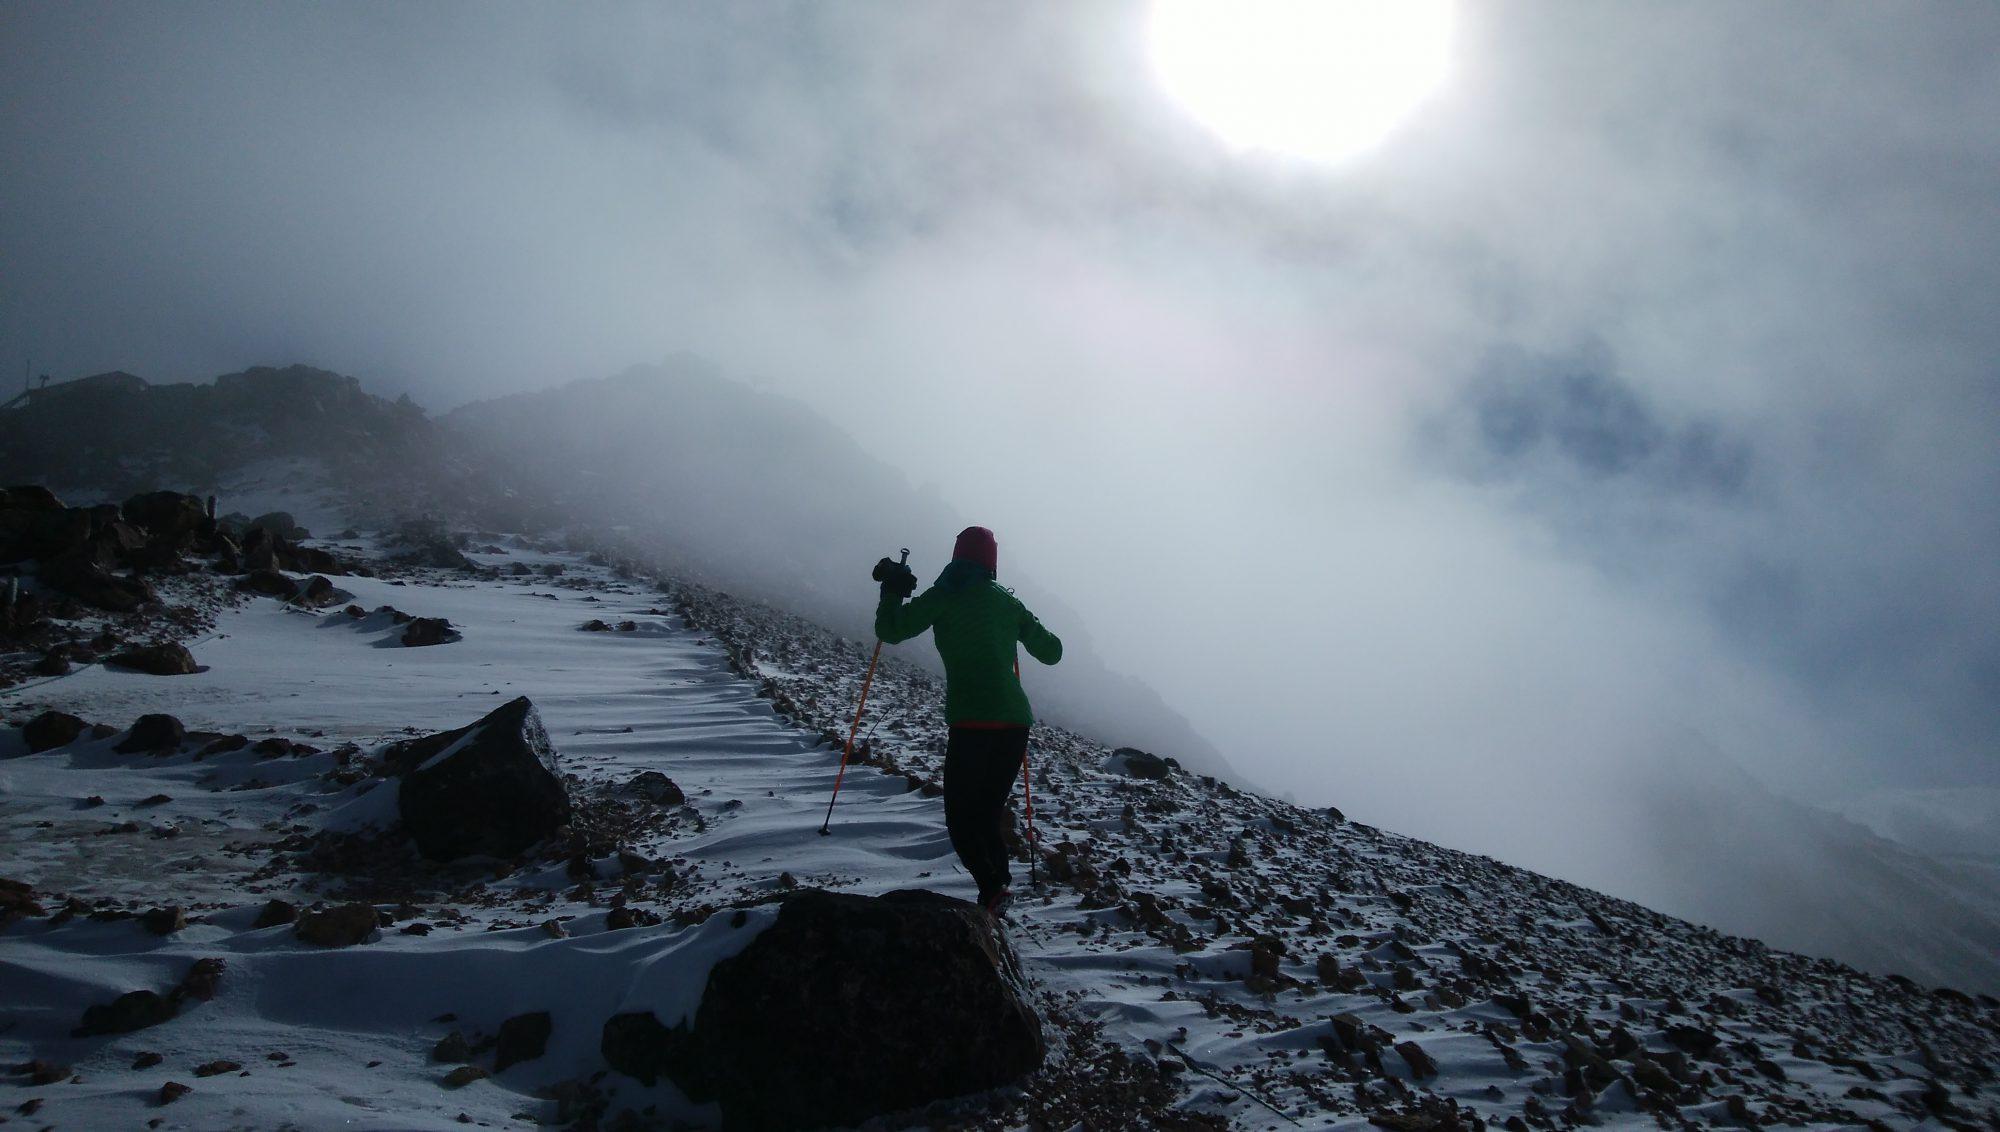 あっという間にホワイトアウトするのが冬山。軽装で下山ルートを見失ったら万事休す…